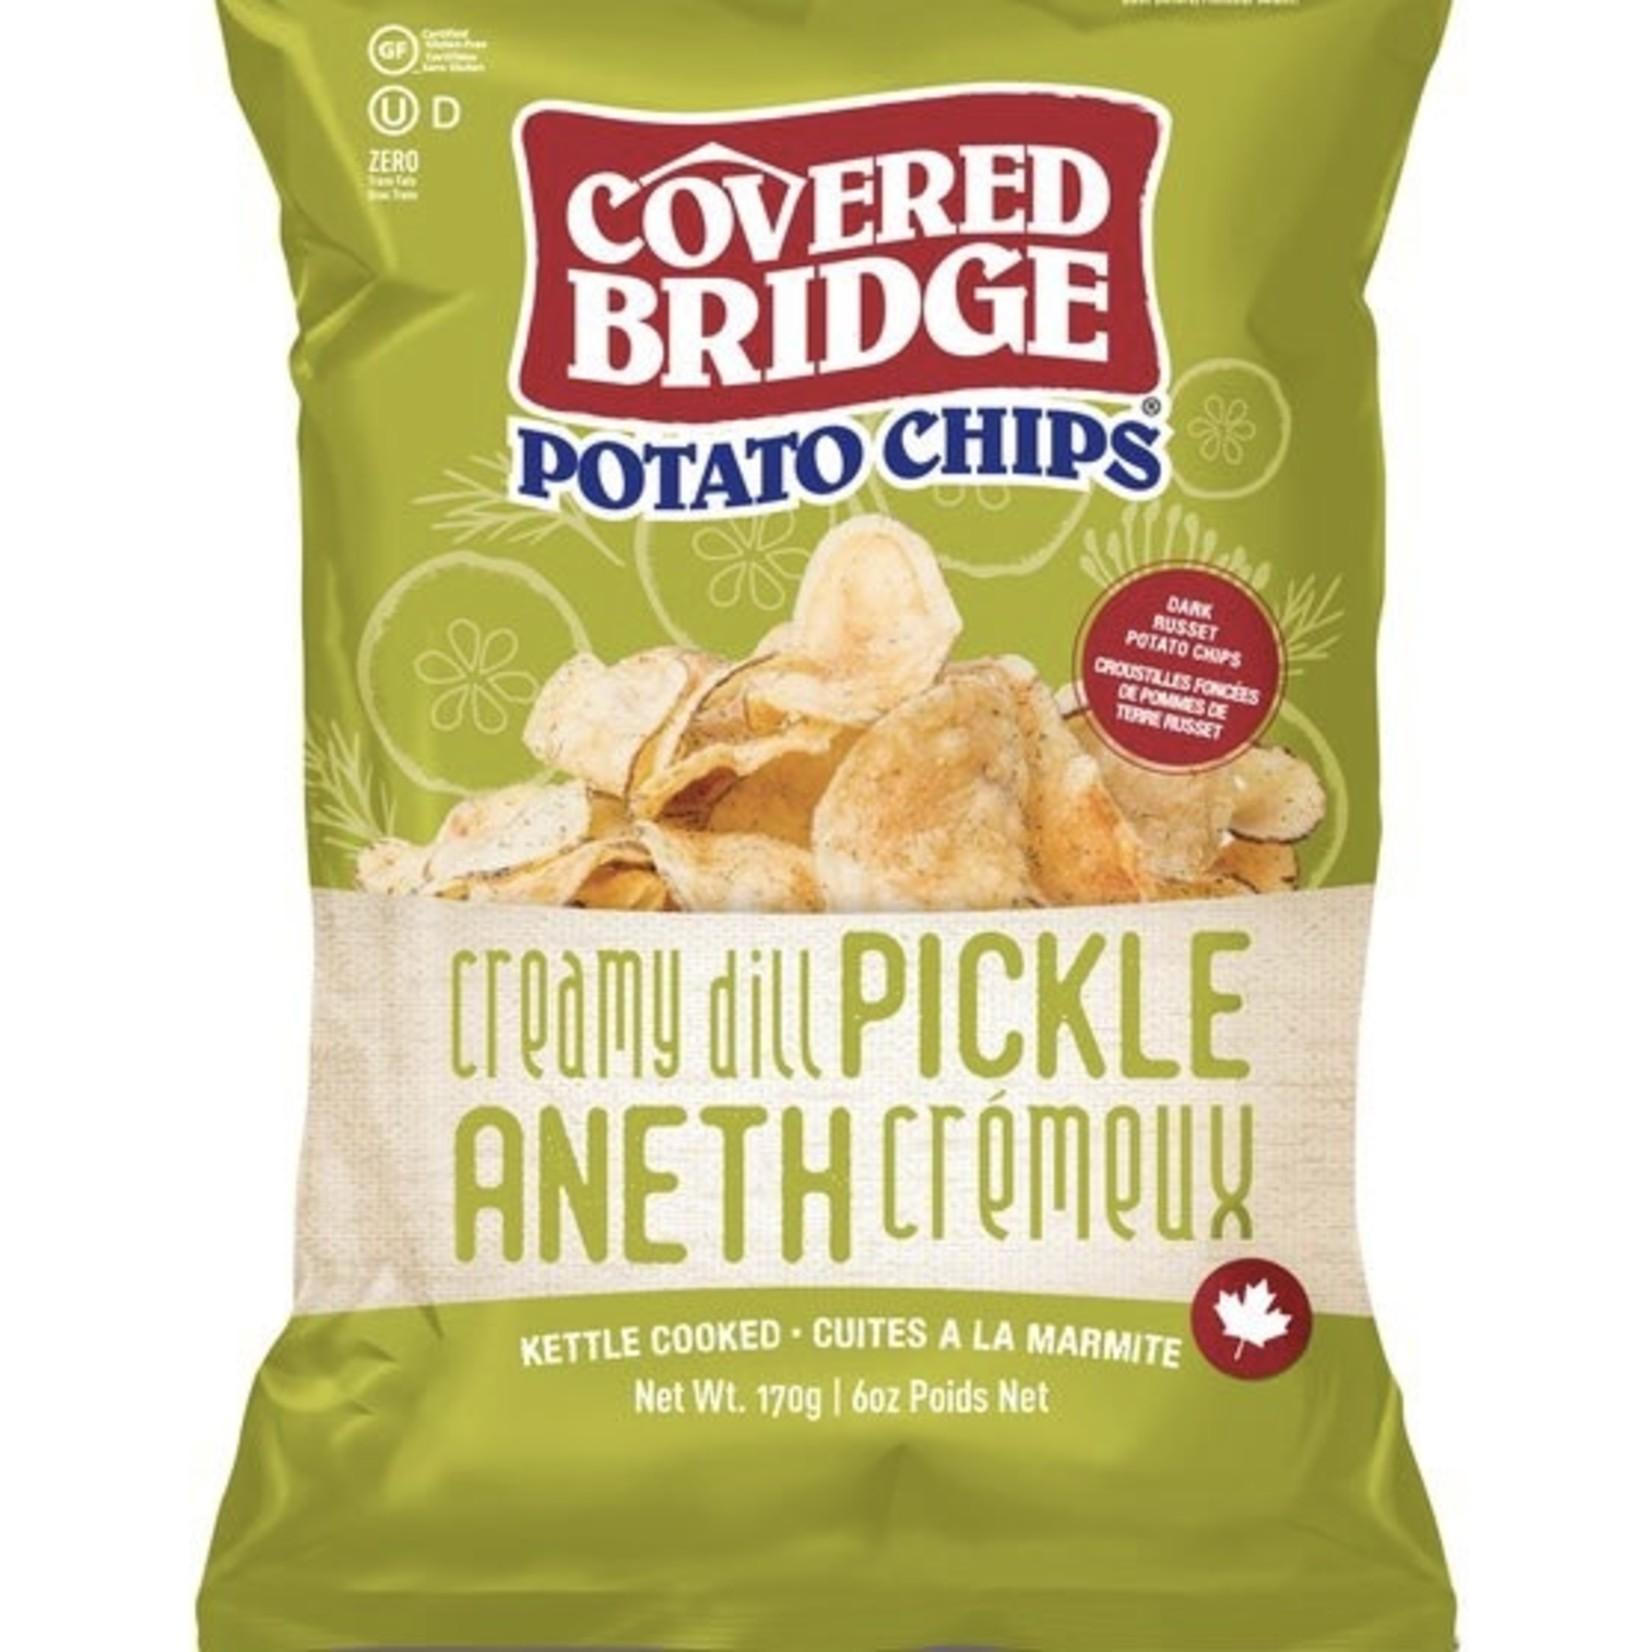 Covered Bridge Covered Bridge Creamy Dill Pickle Potato Chips